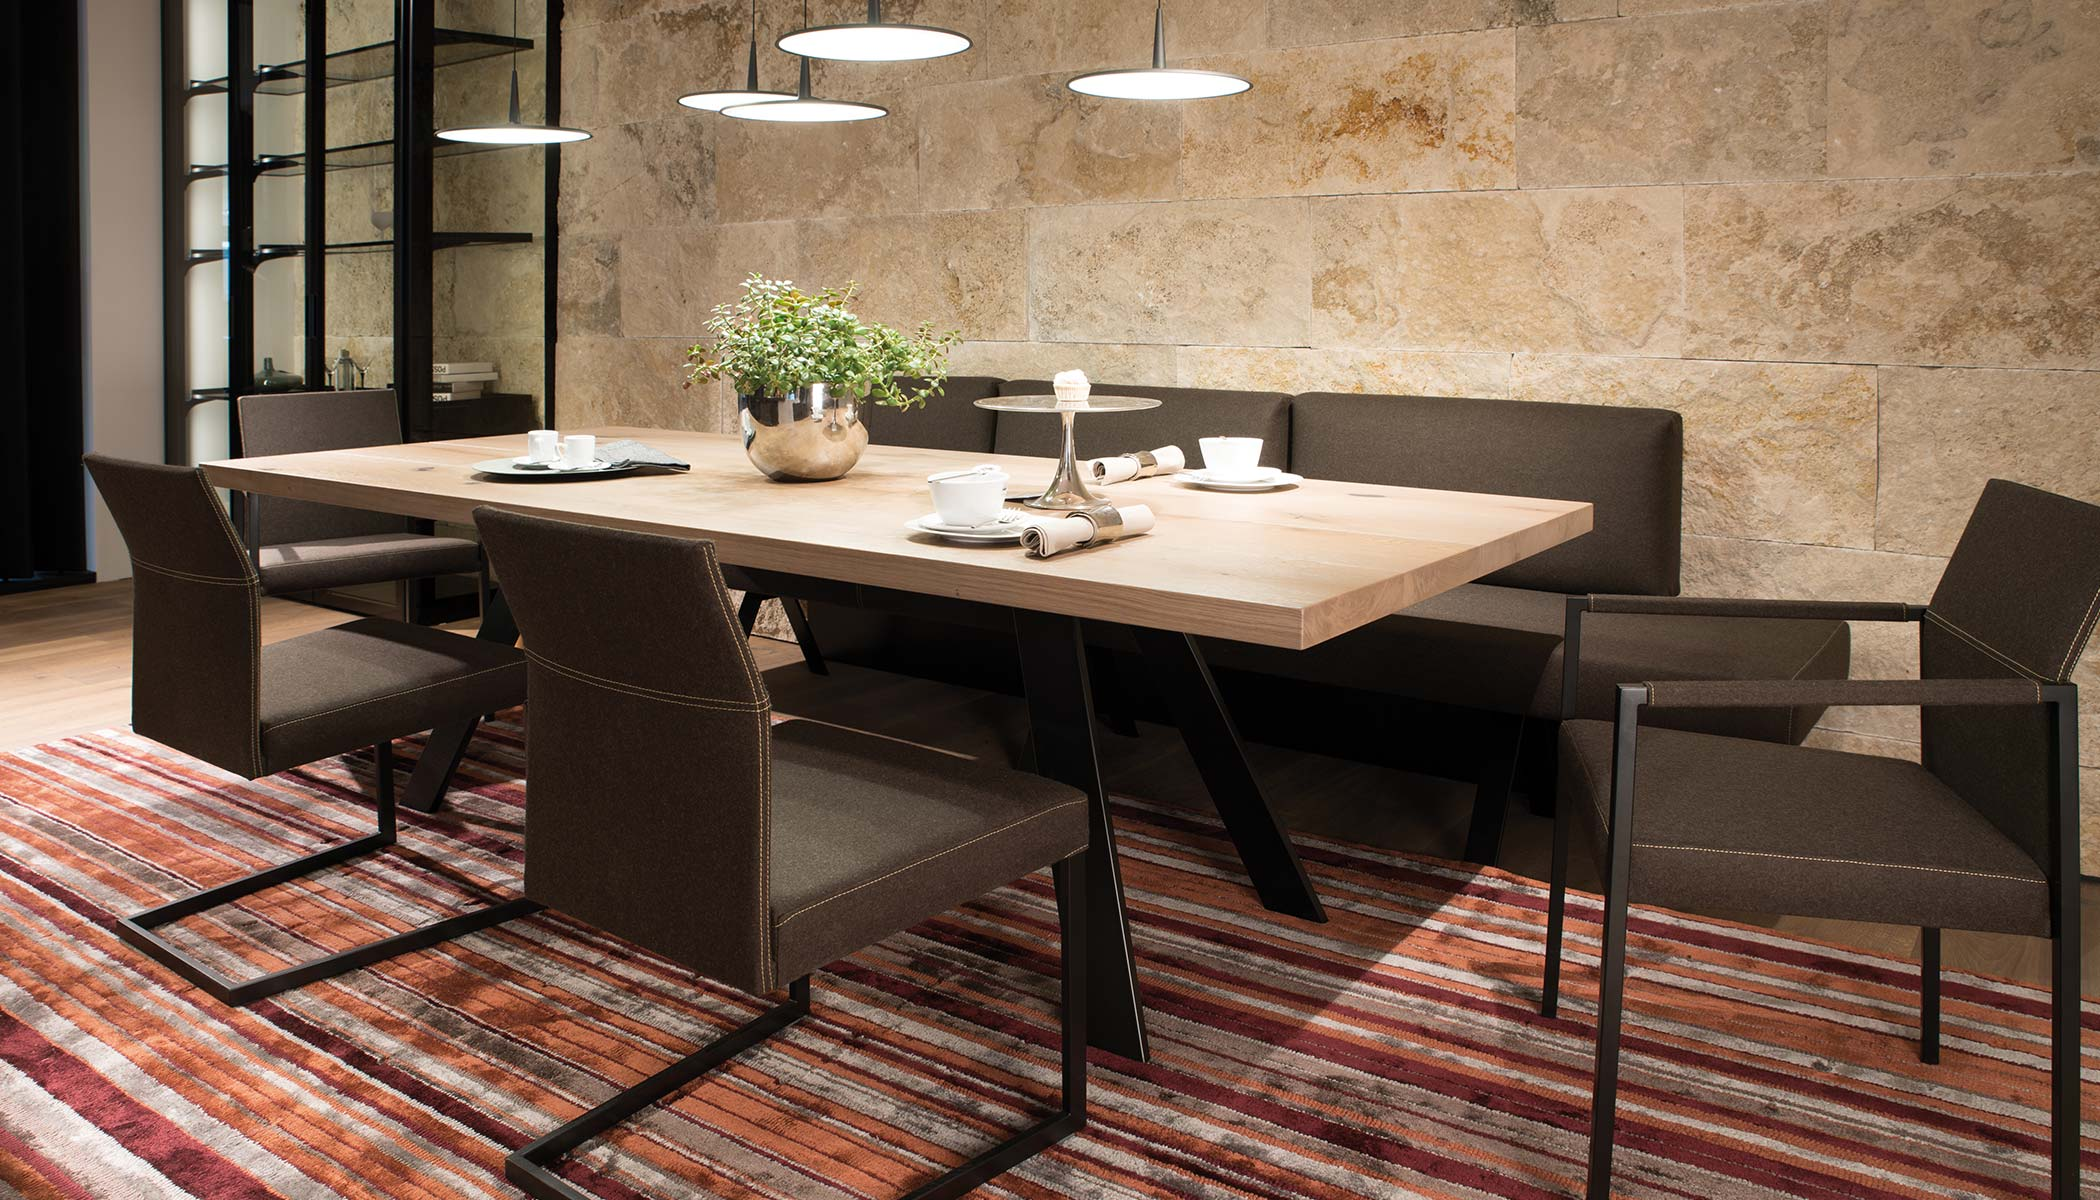 Full Size of 04 Ehl Wohnwelt Whg Essbereich 01 Esszimmer Esstisch Tisch Sessel Mit Stühlen Massivholz Ausziehbar Wohnzimmer Teppiche Und Stühle Badezimmer Teppich Modern Esstische Esstisch Teppich